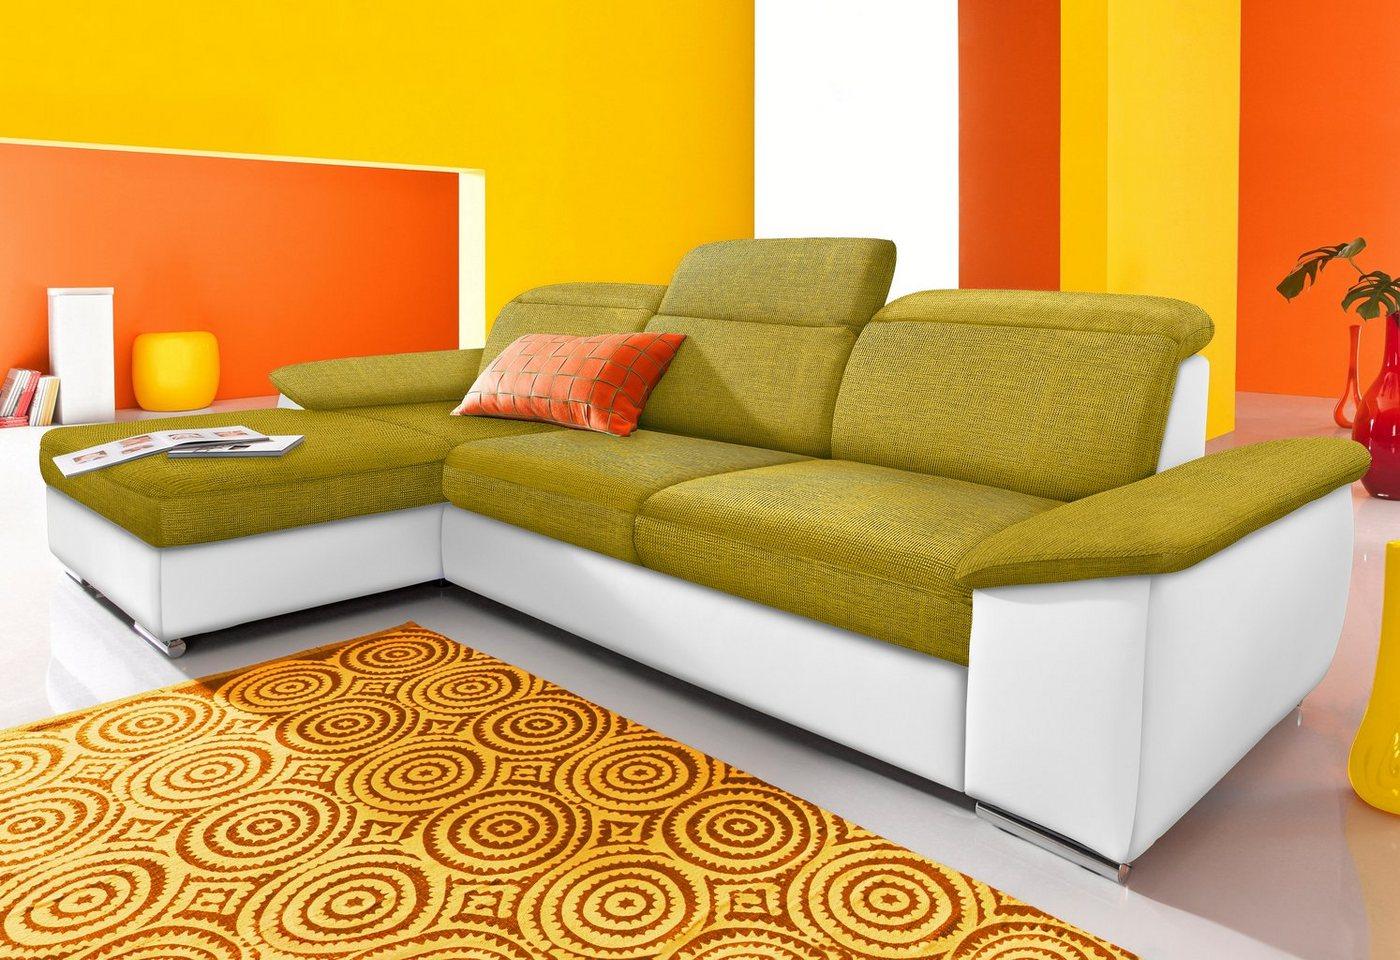 SIT & MORE Hoekbank naar keuze met chaise longue